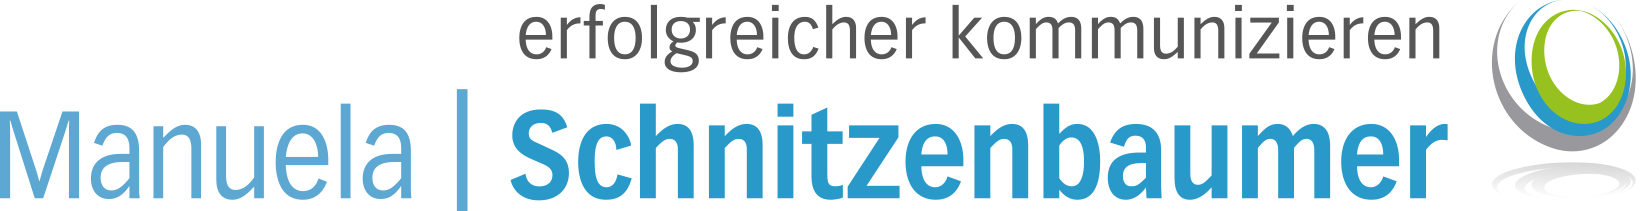 https://www.erfolgreicher-kommunizieren.de/wp-content/uploads/2018/08/180717-Logo-Manuela-Schnitzenbaumer_2018-1.png